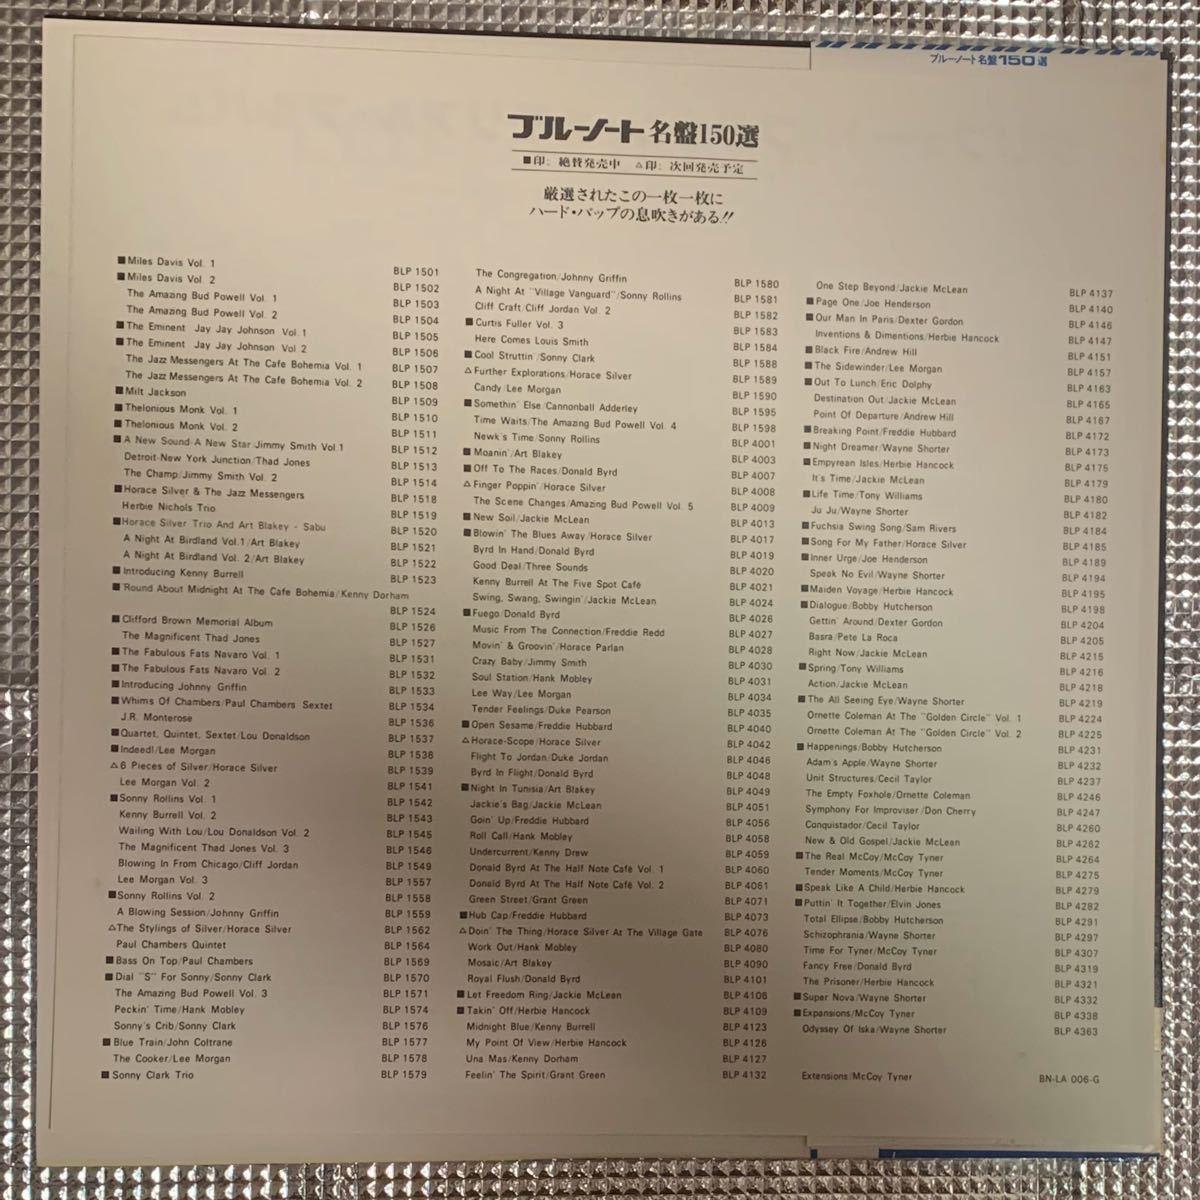 LPレコード クリフォード・ブラウン メモリアル アルバム/GXK8054(M)